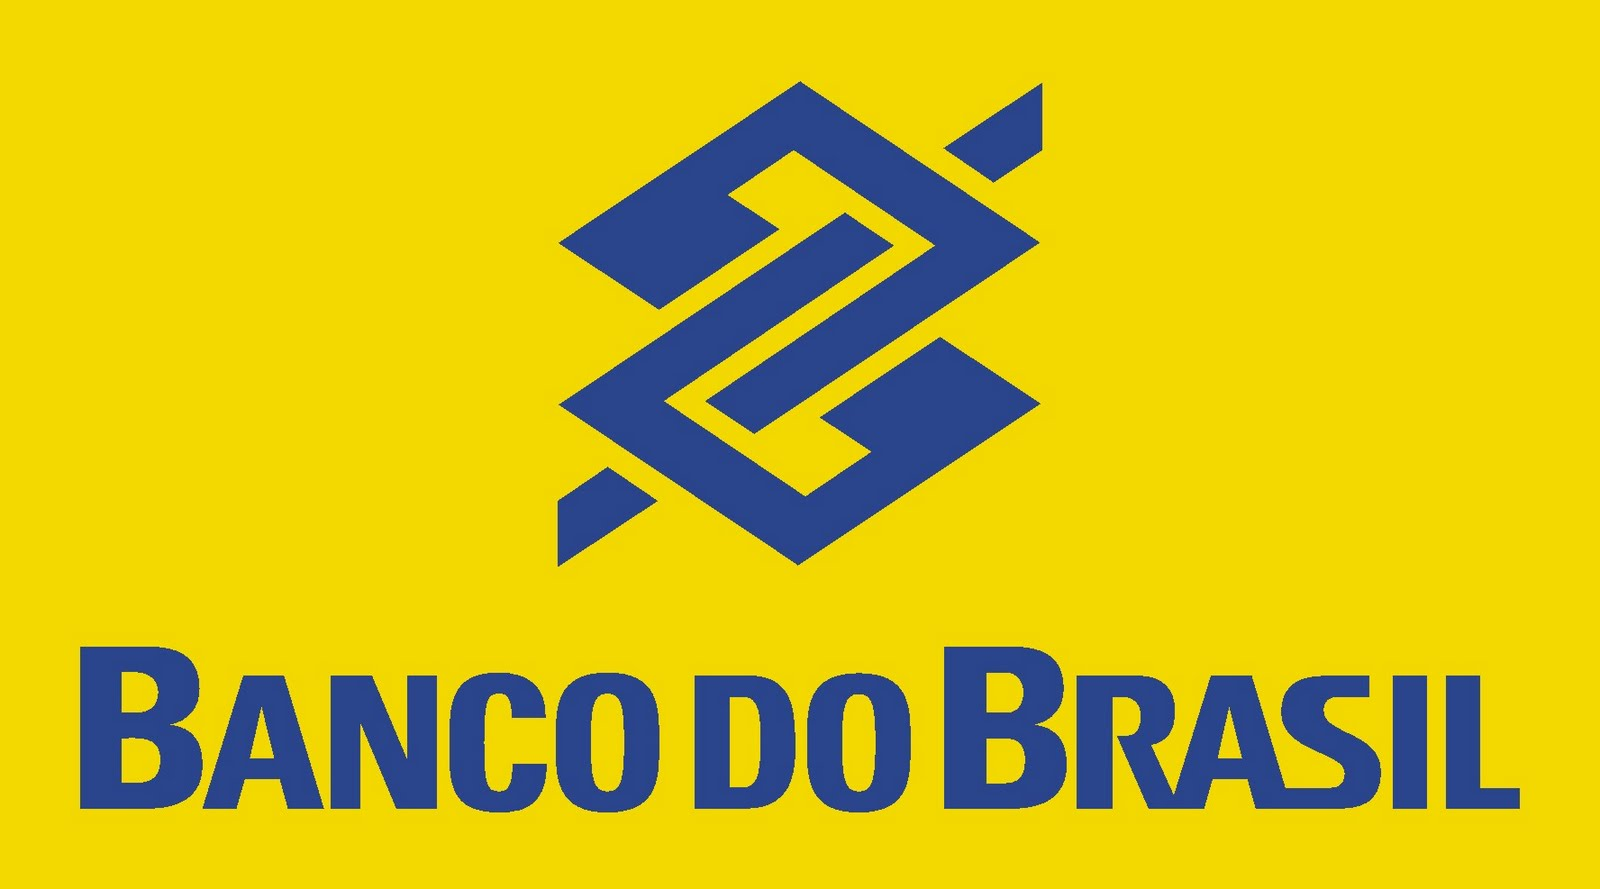 banco-do-brasil-logo-1-2-19861114.jpg